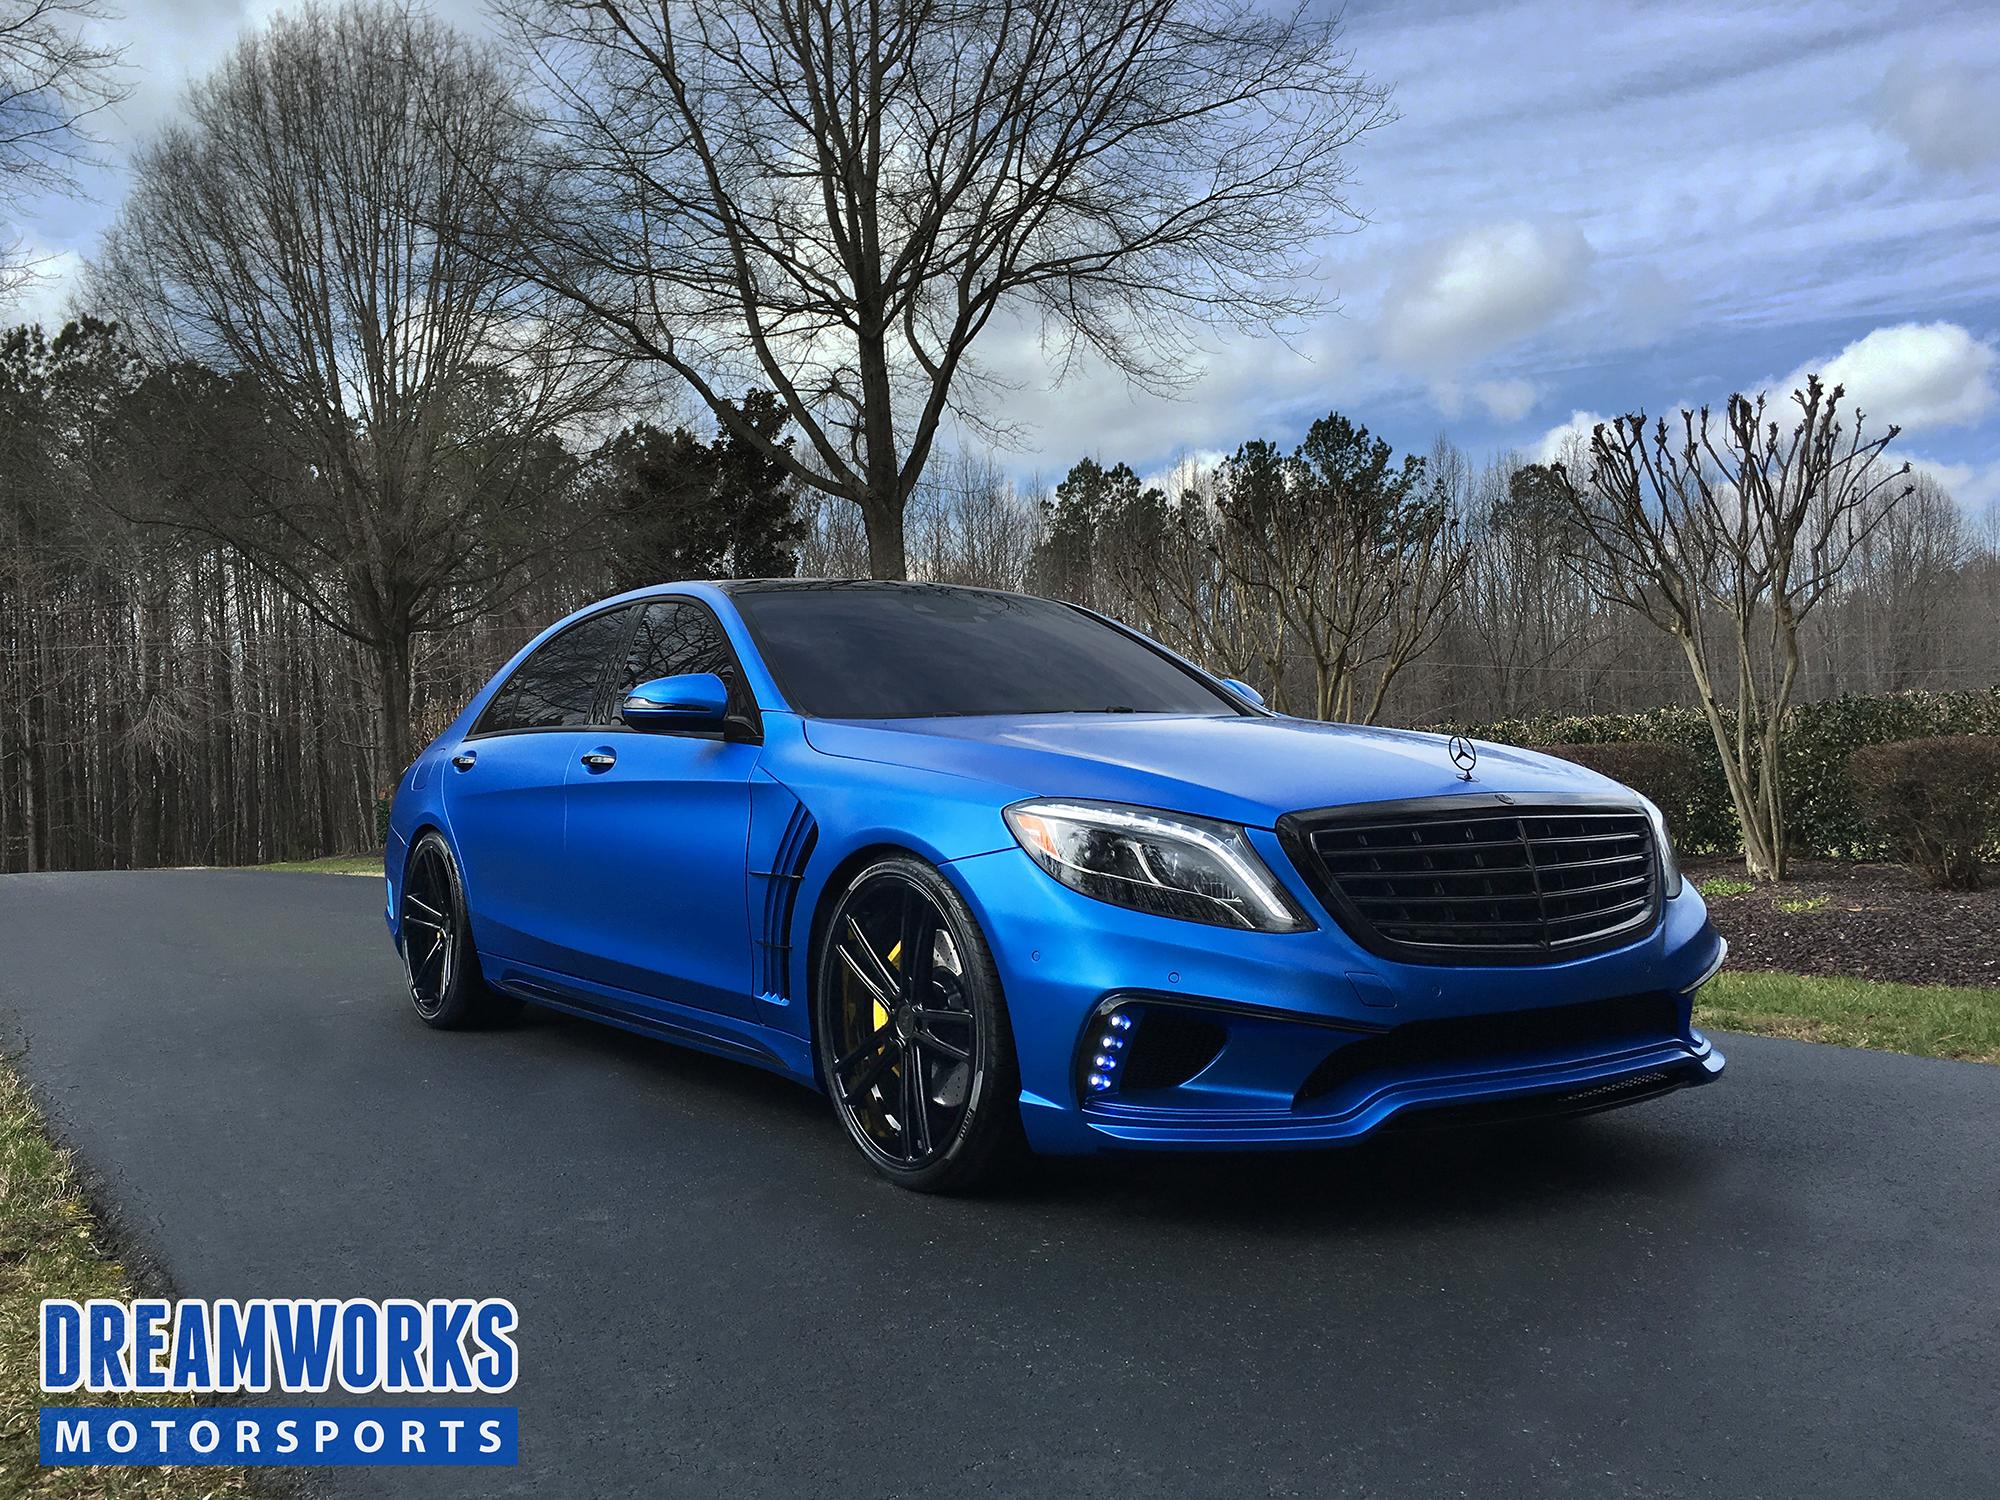 Al-Jefferson-Mercedes-1-web.jpg